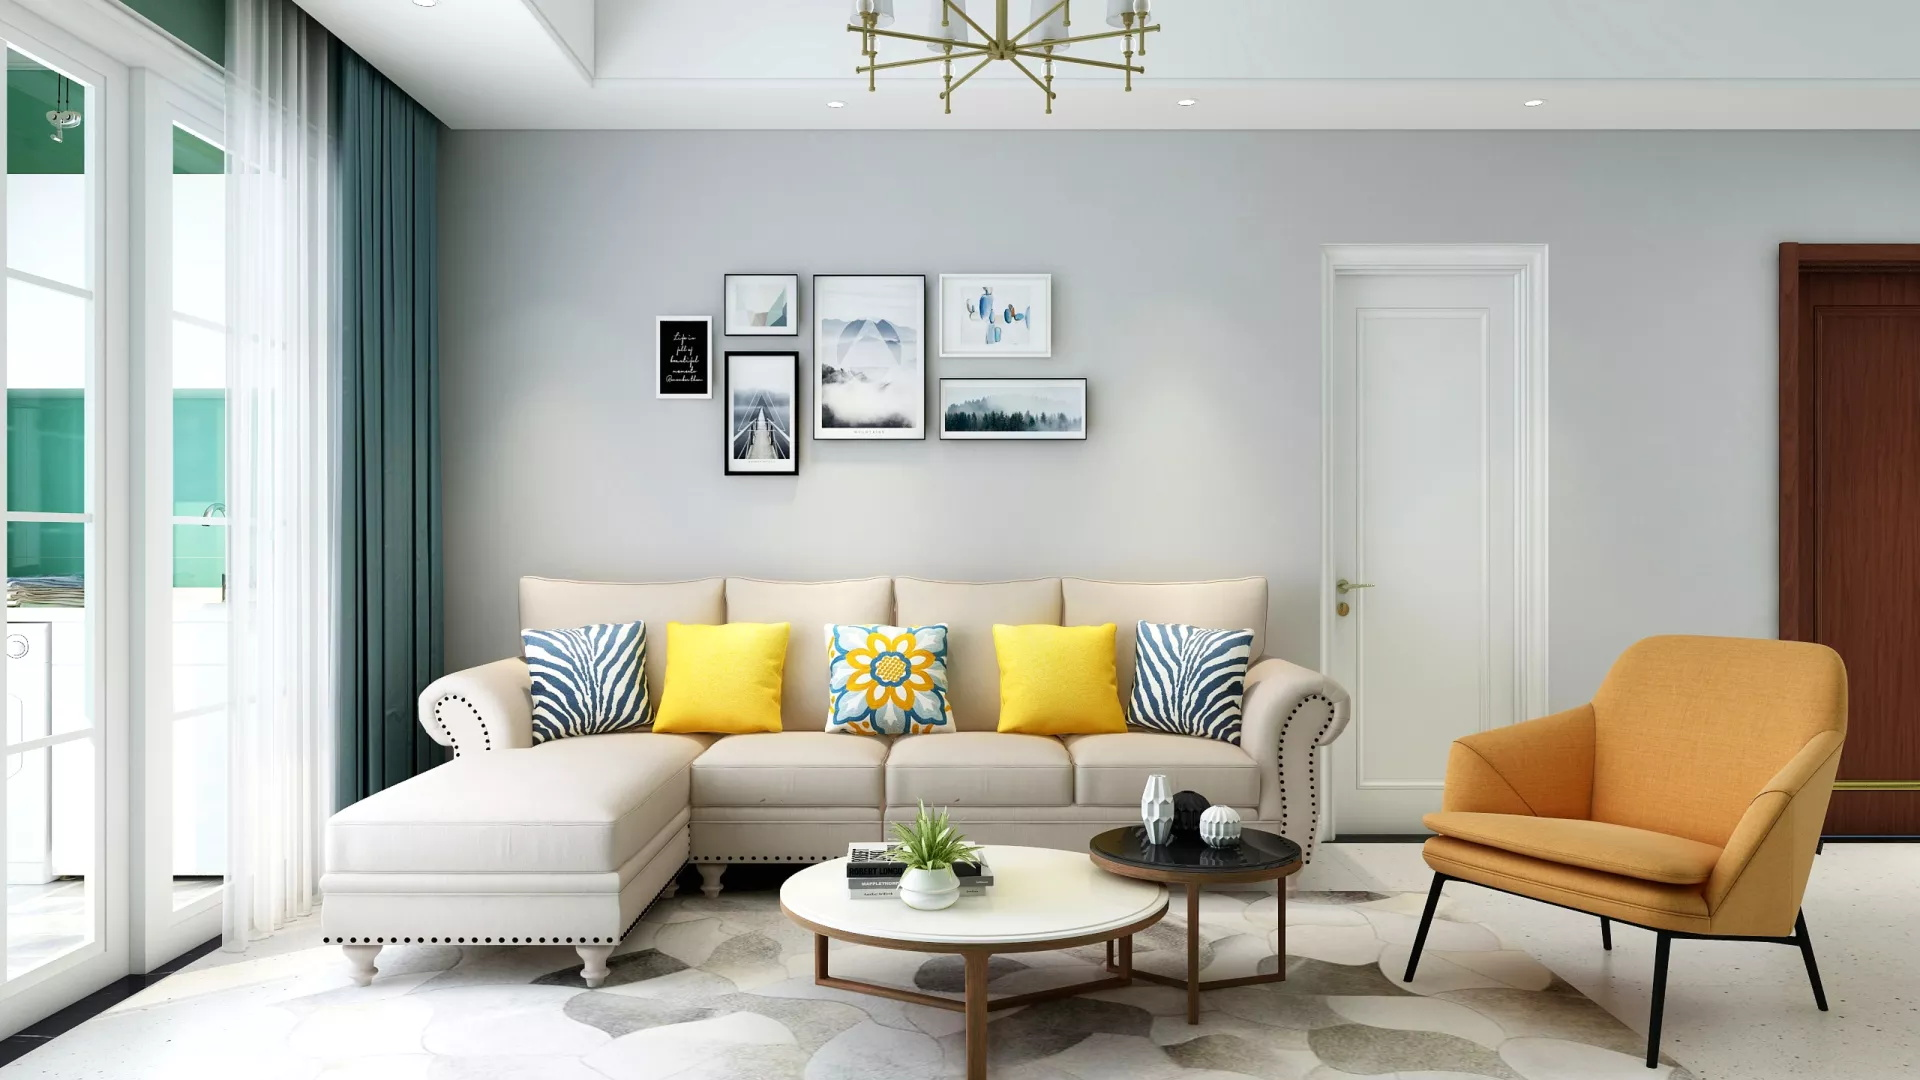 长方形客厅装修要点 长方形客厅设计方法